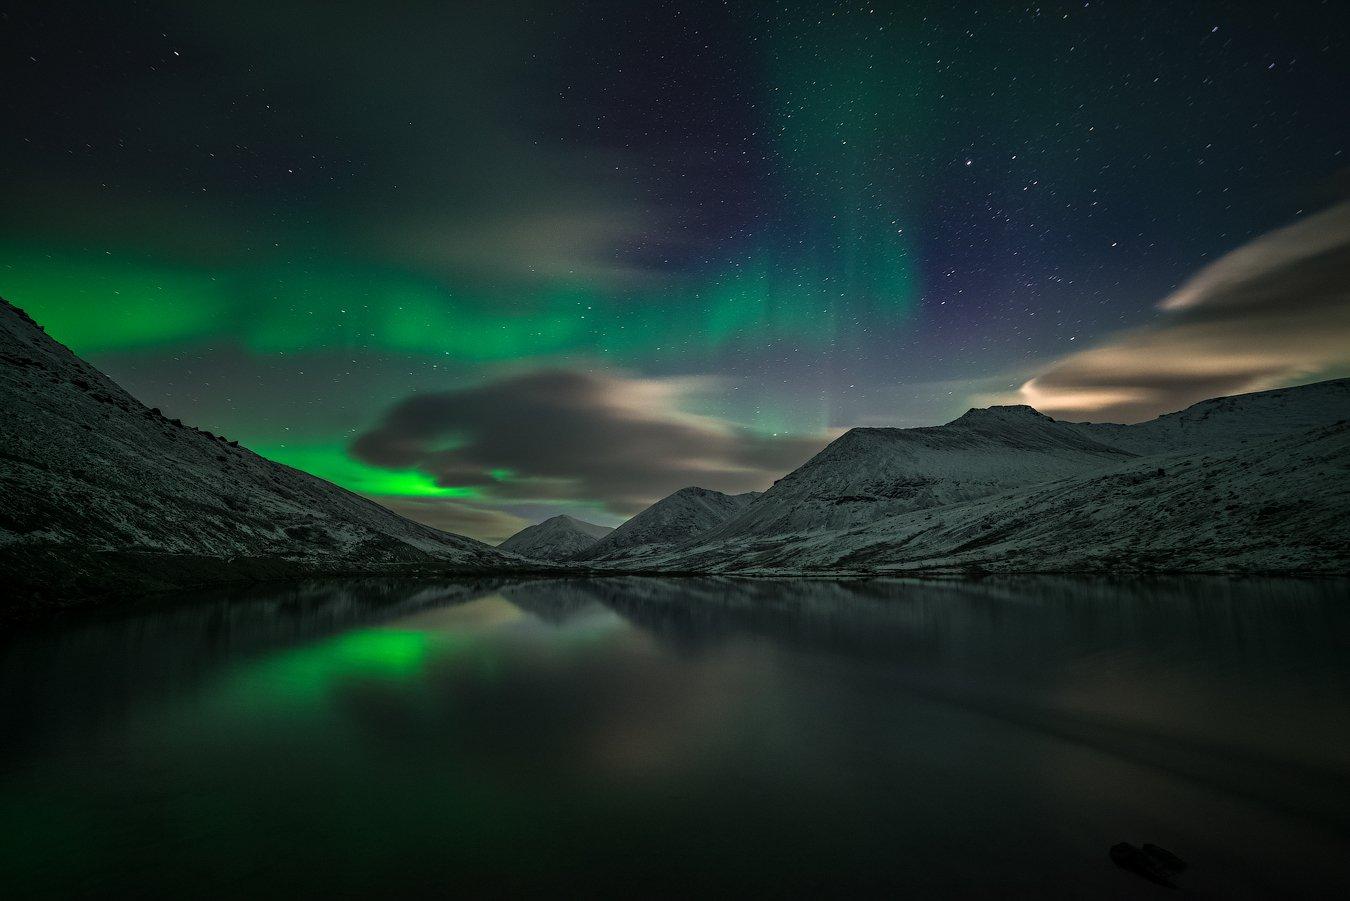 aurora borealis, северное сияние,хибины,север,кольский,заполярье,, Роман Горячий